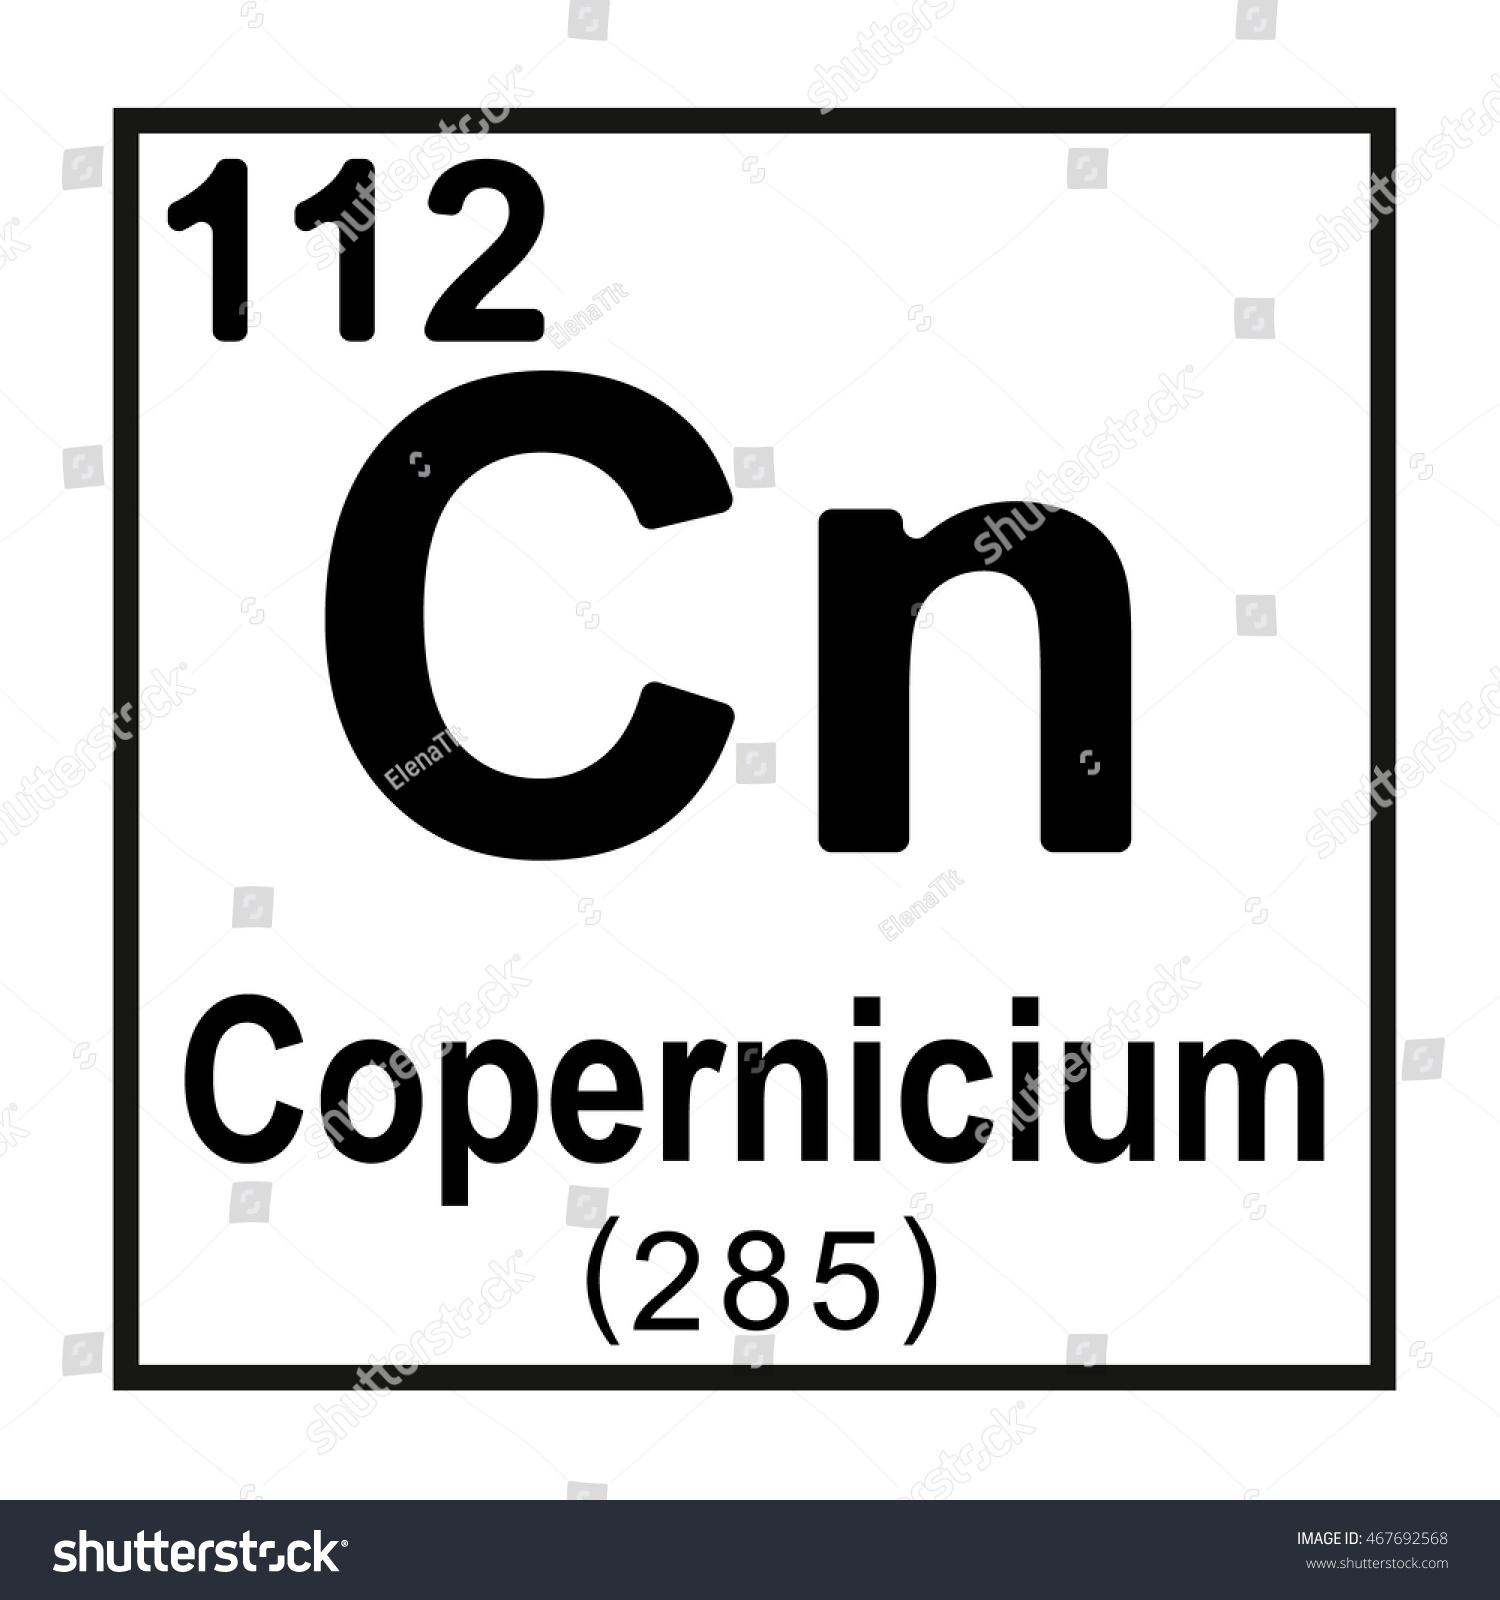 Periodic table element copernicium stock vector 467692568 periodic table element copernicium gamestrikefo Images